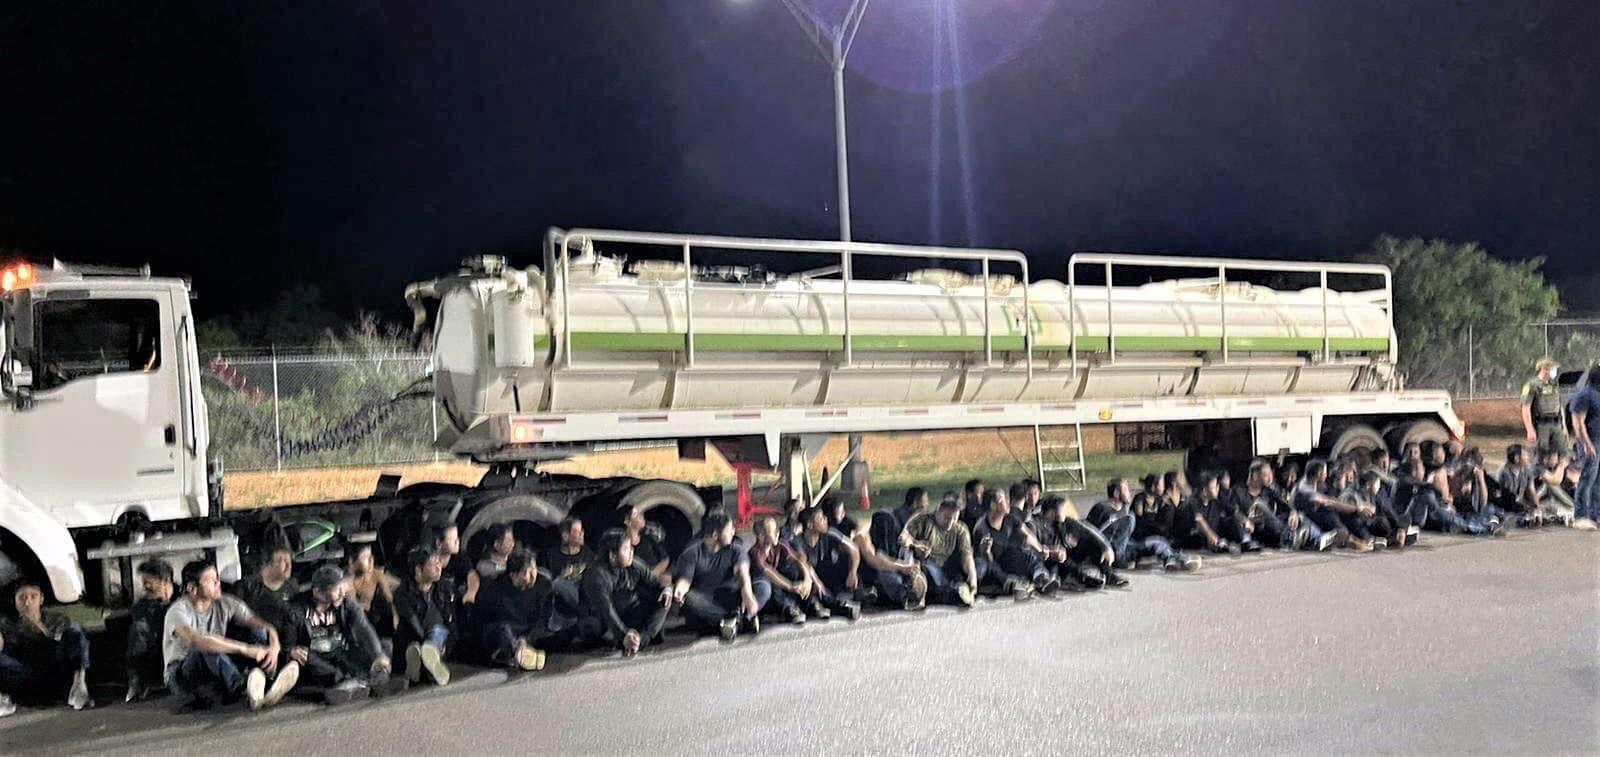 Border agents find nearly 50 people hidden inside a tanker trailer near Laredo.